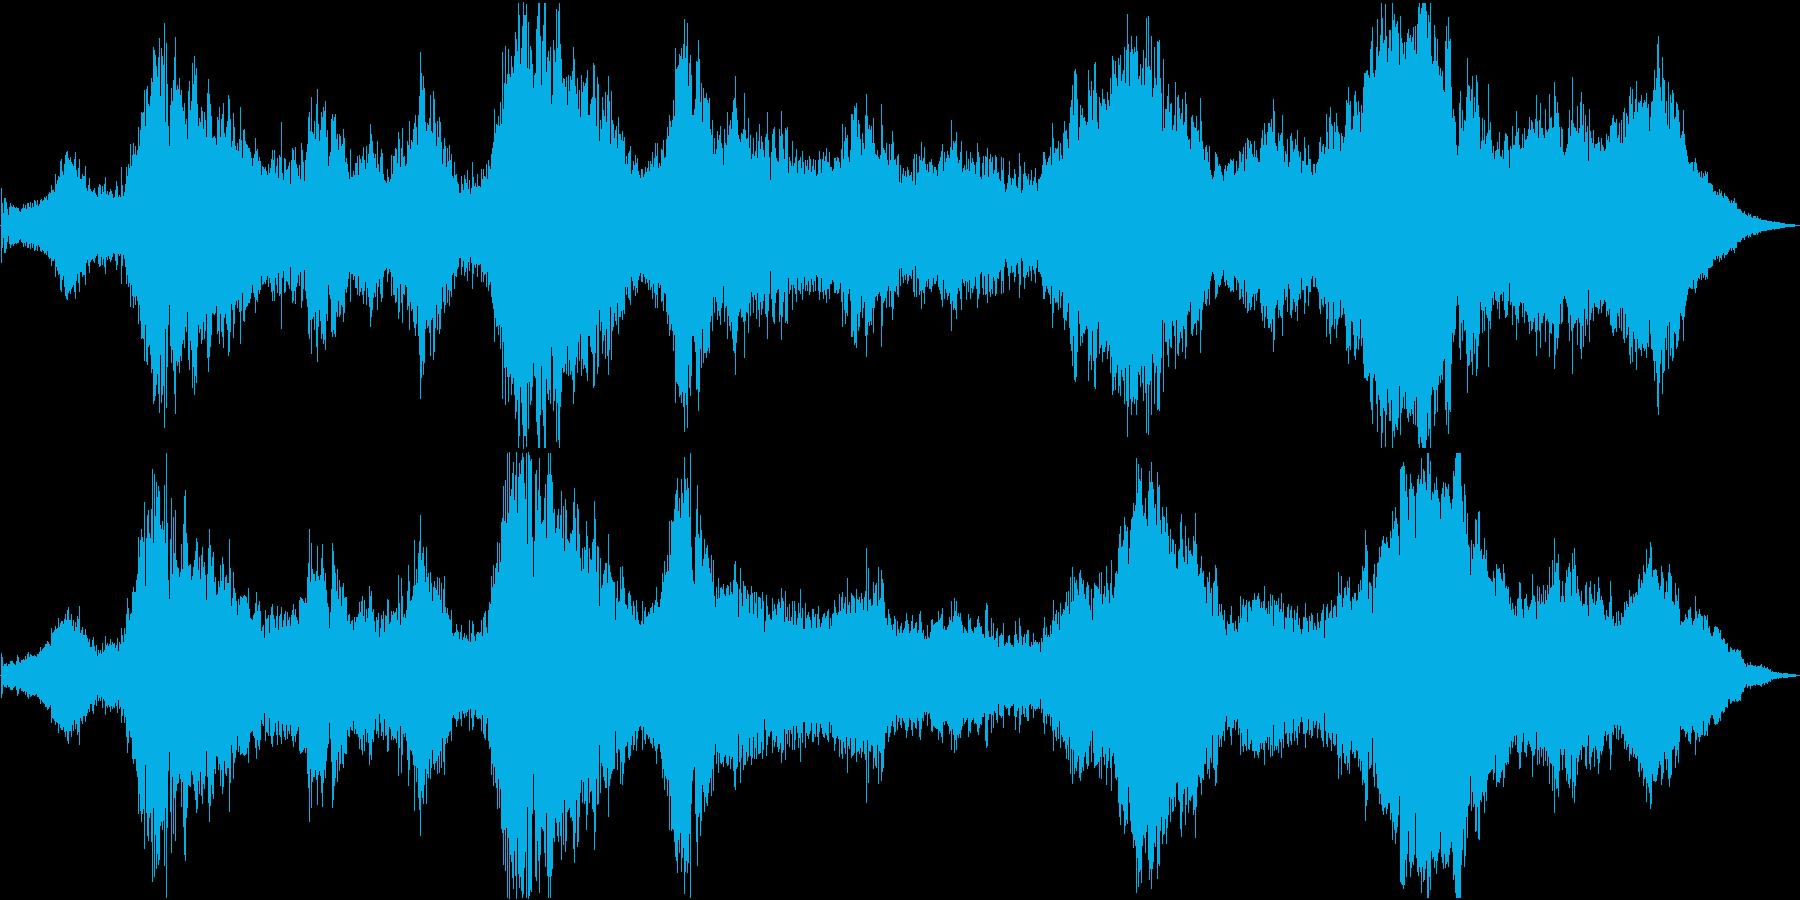 ドローン マレットとシンセ01の再生済みの波形